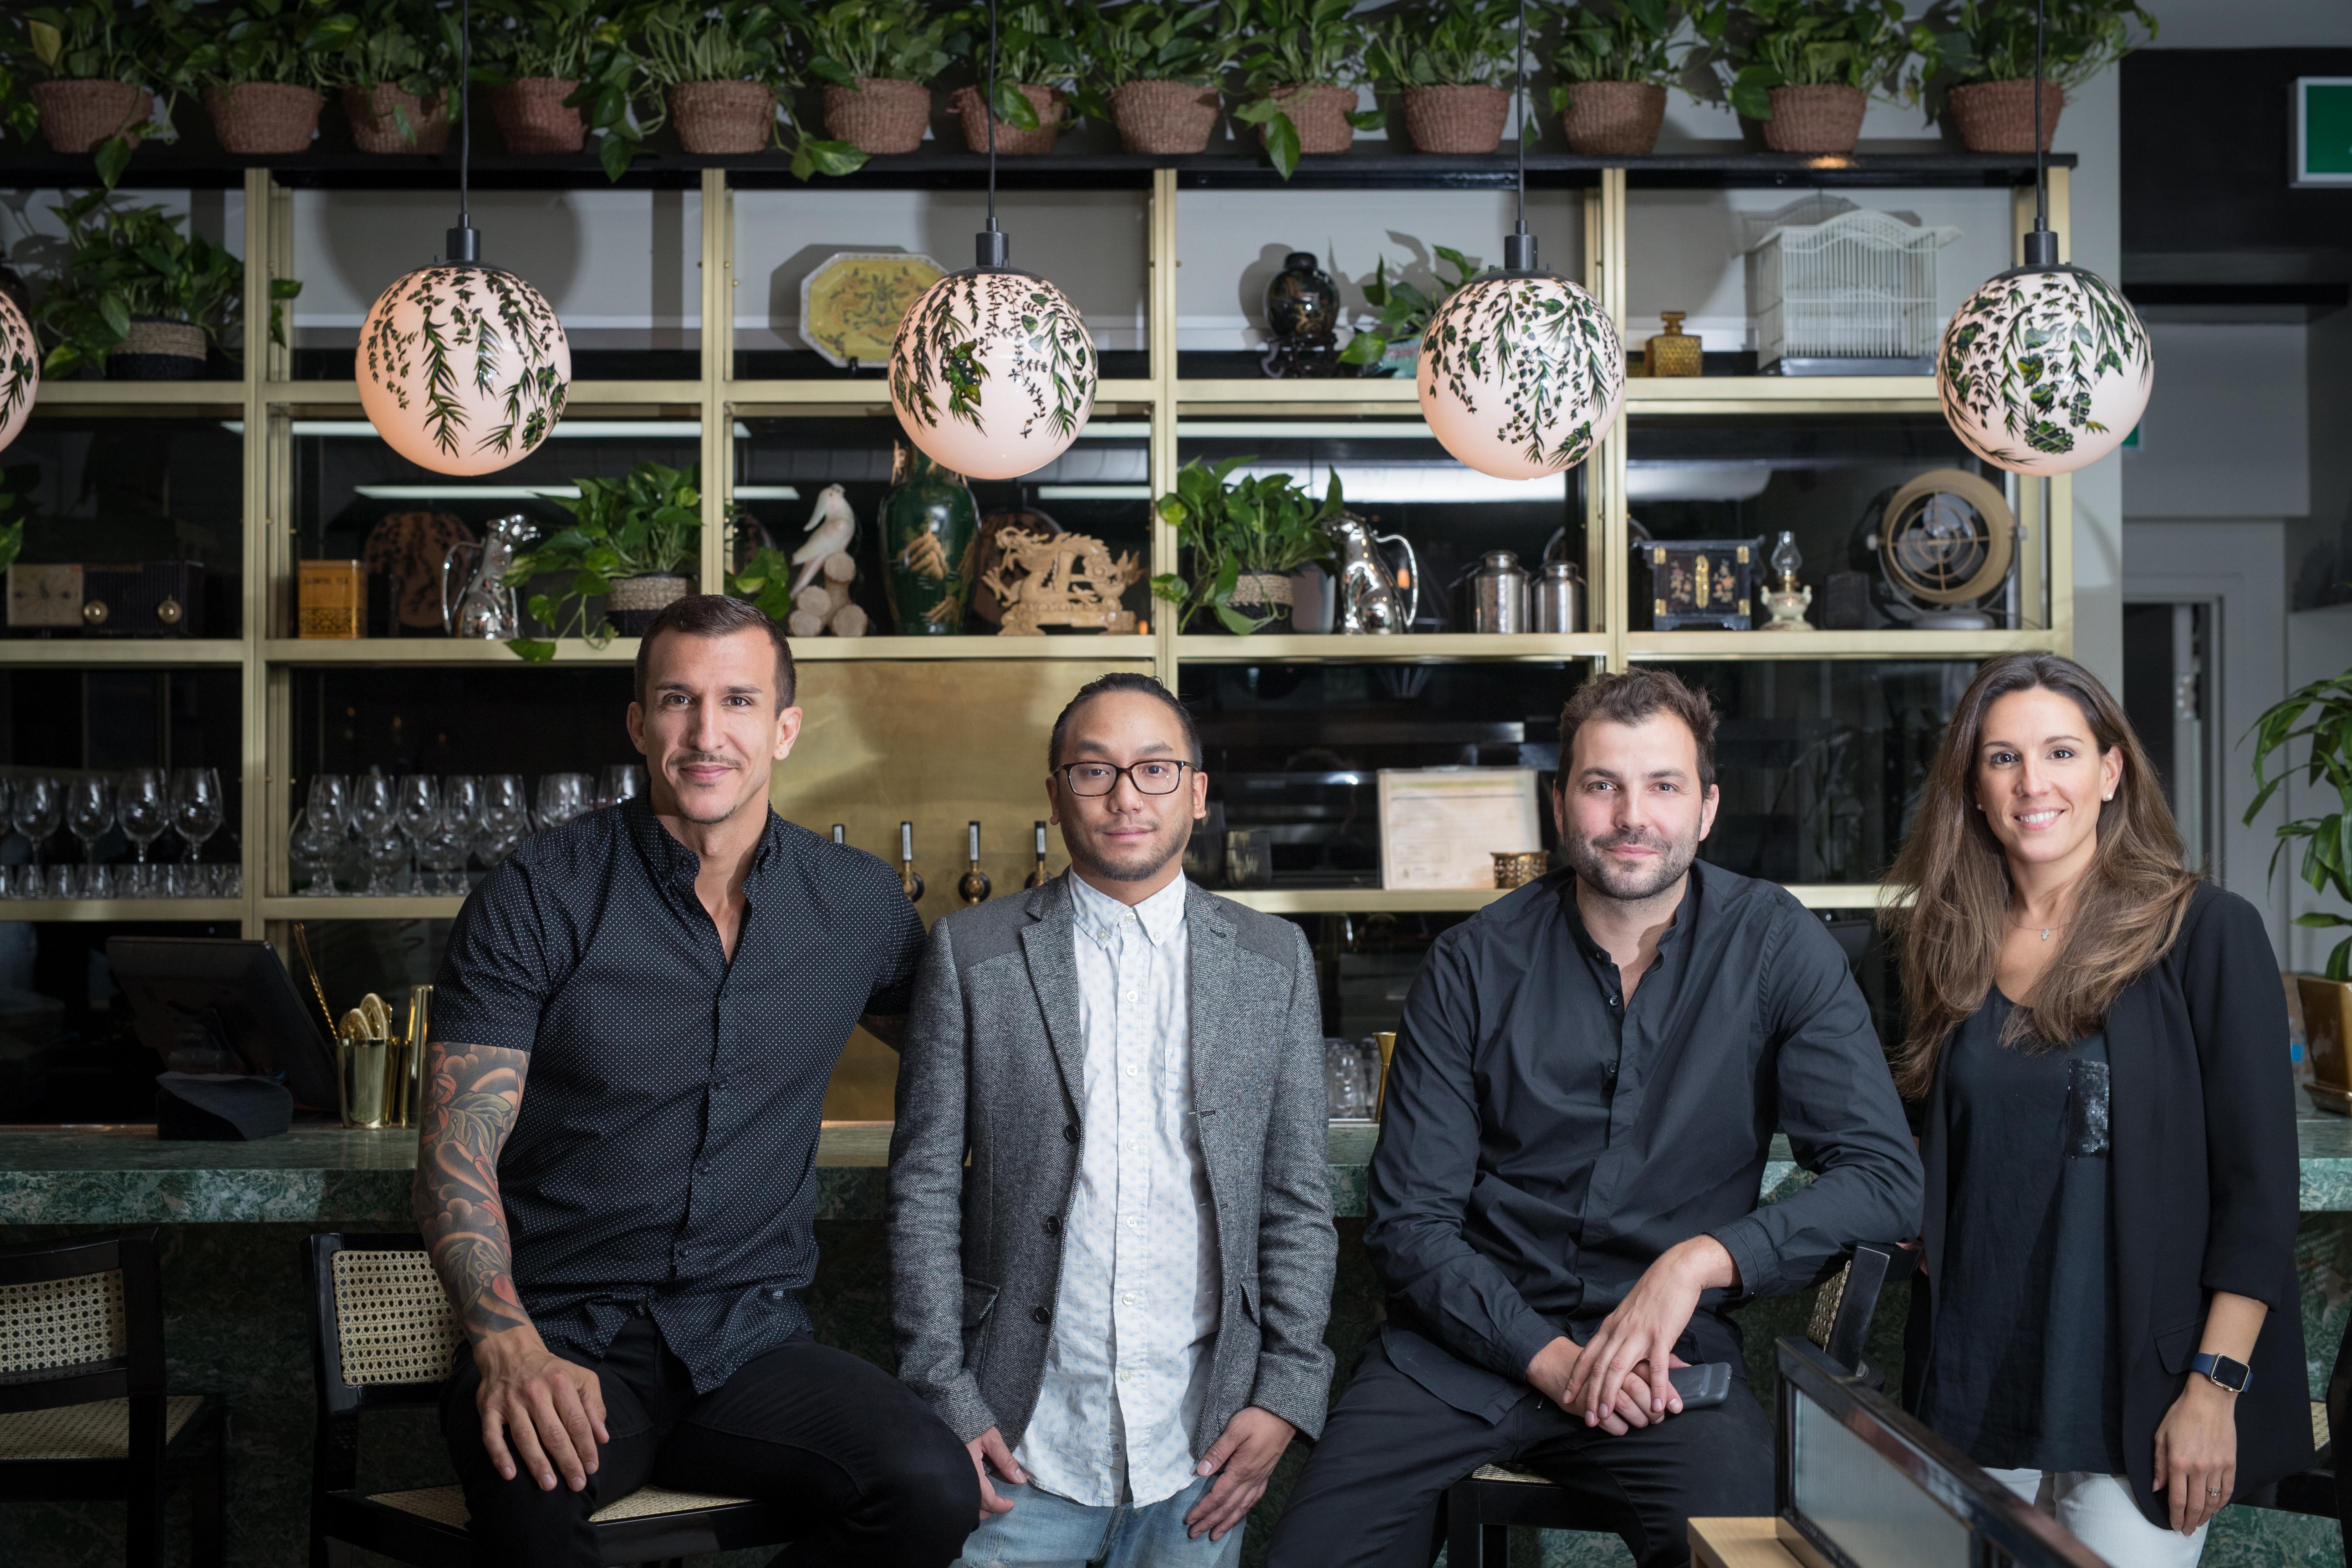 De gauche à droite : Francisco Randez, le chef Ross Louangsignotha, Nicolas Urli, et Flore-Anne